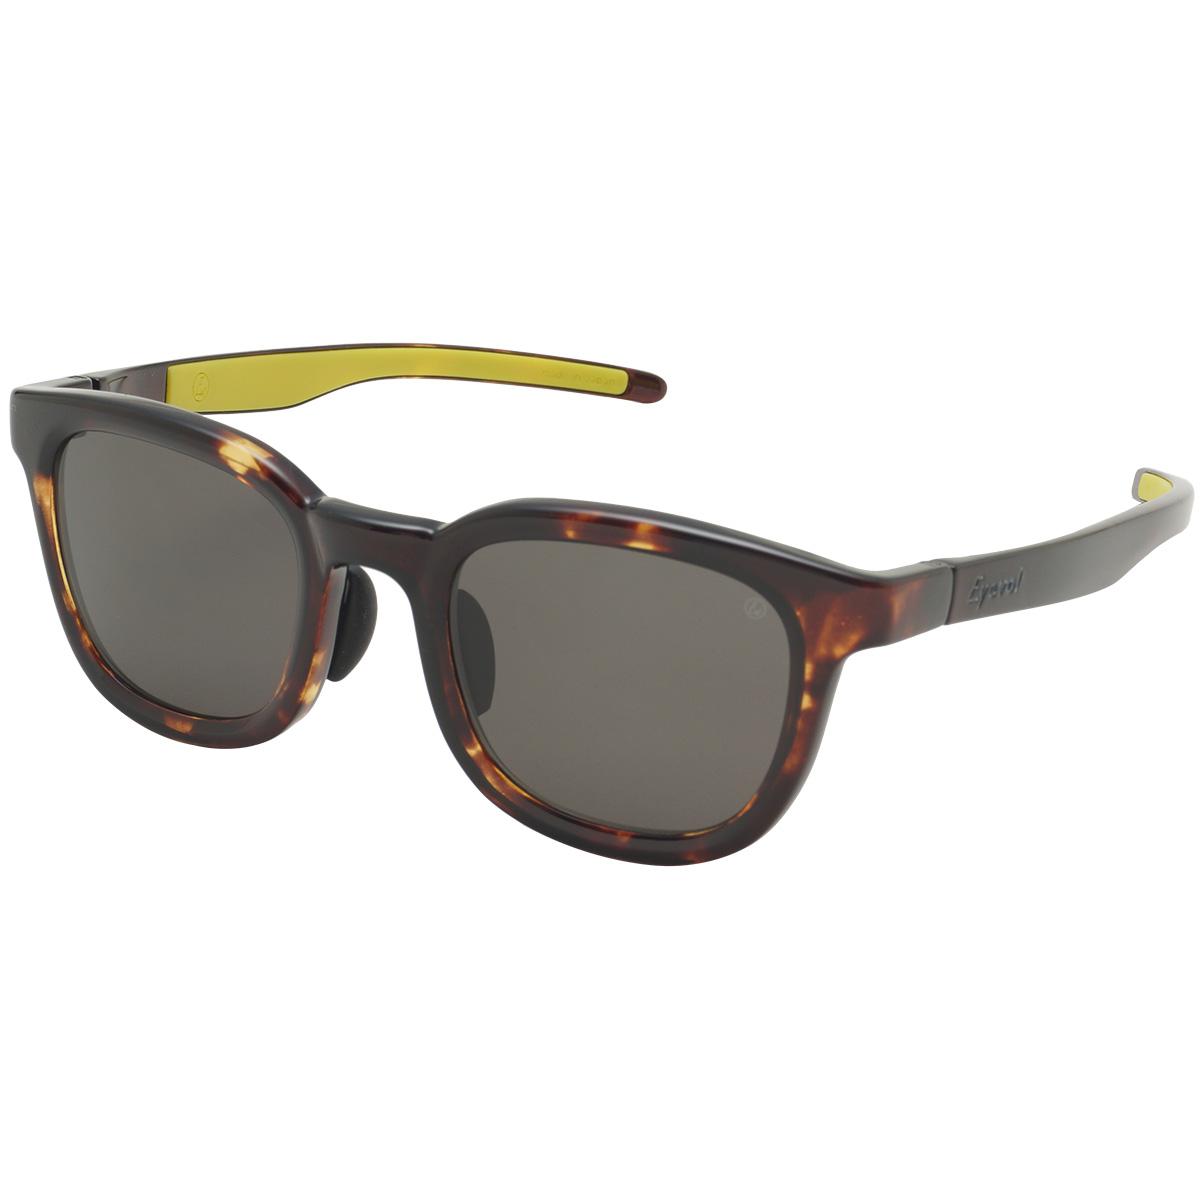 WINZELER 2 XL 50 偏光レンズサングラス